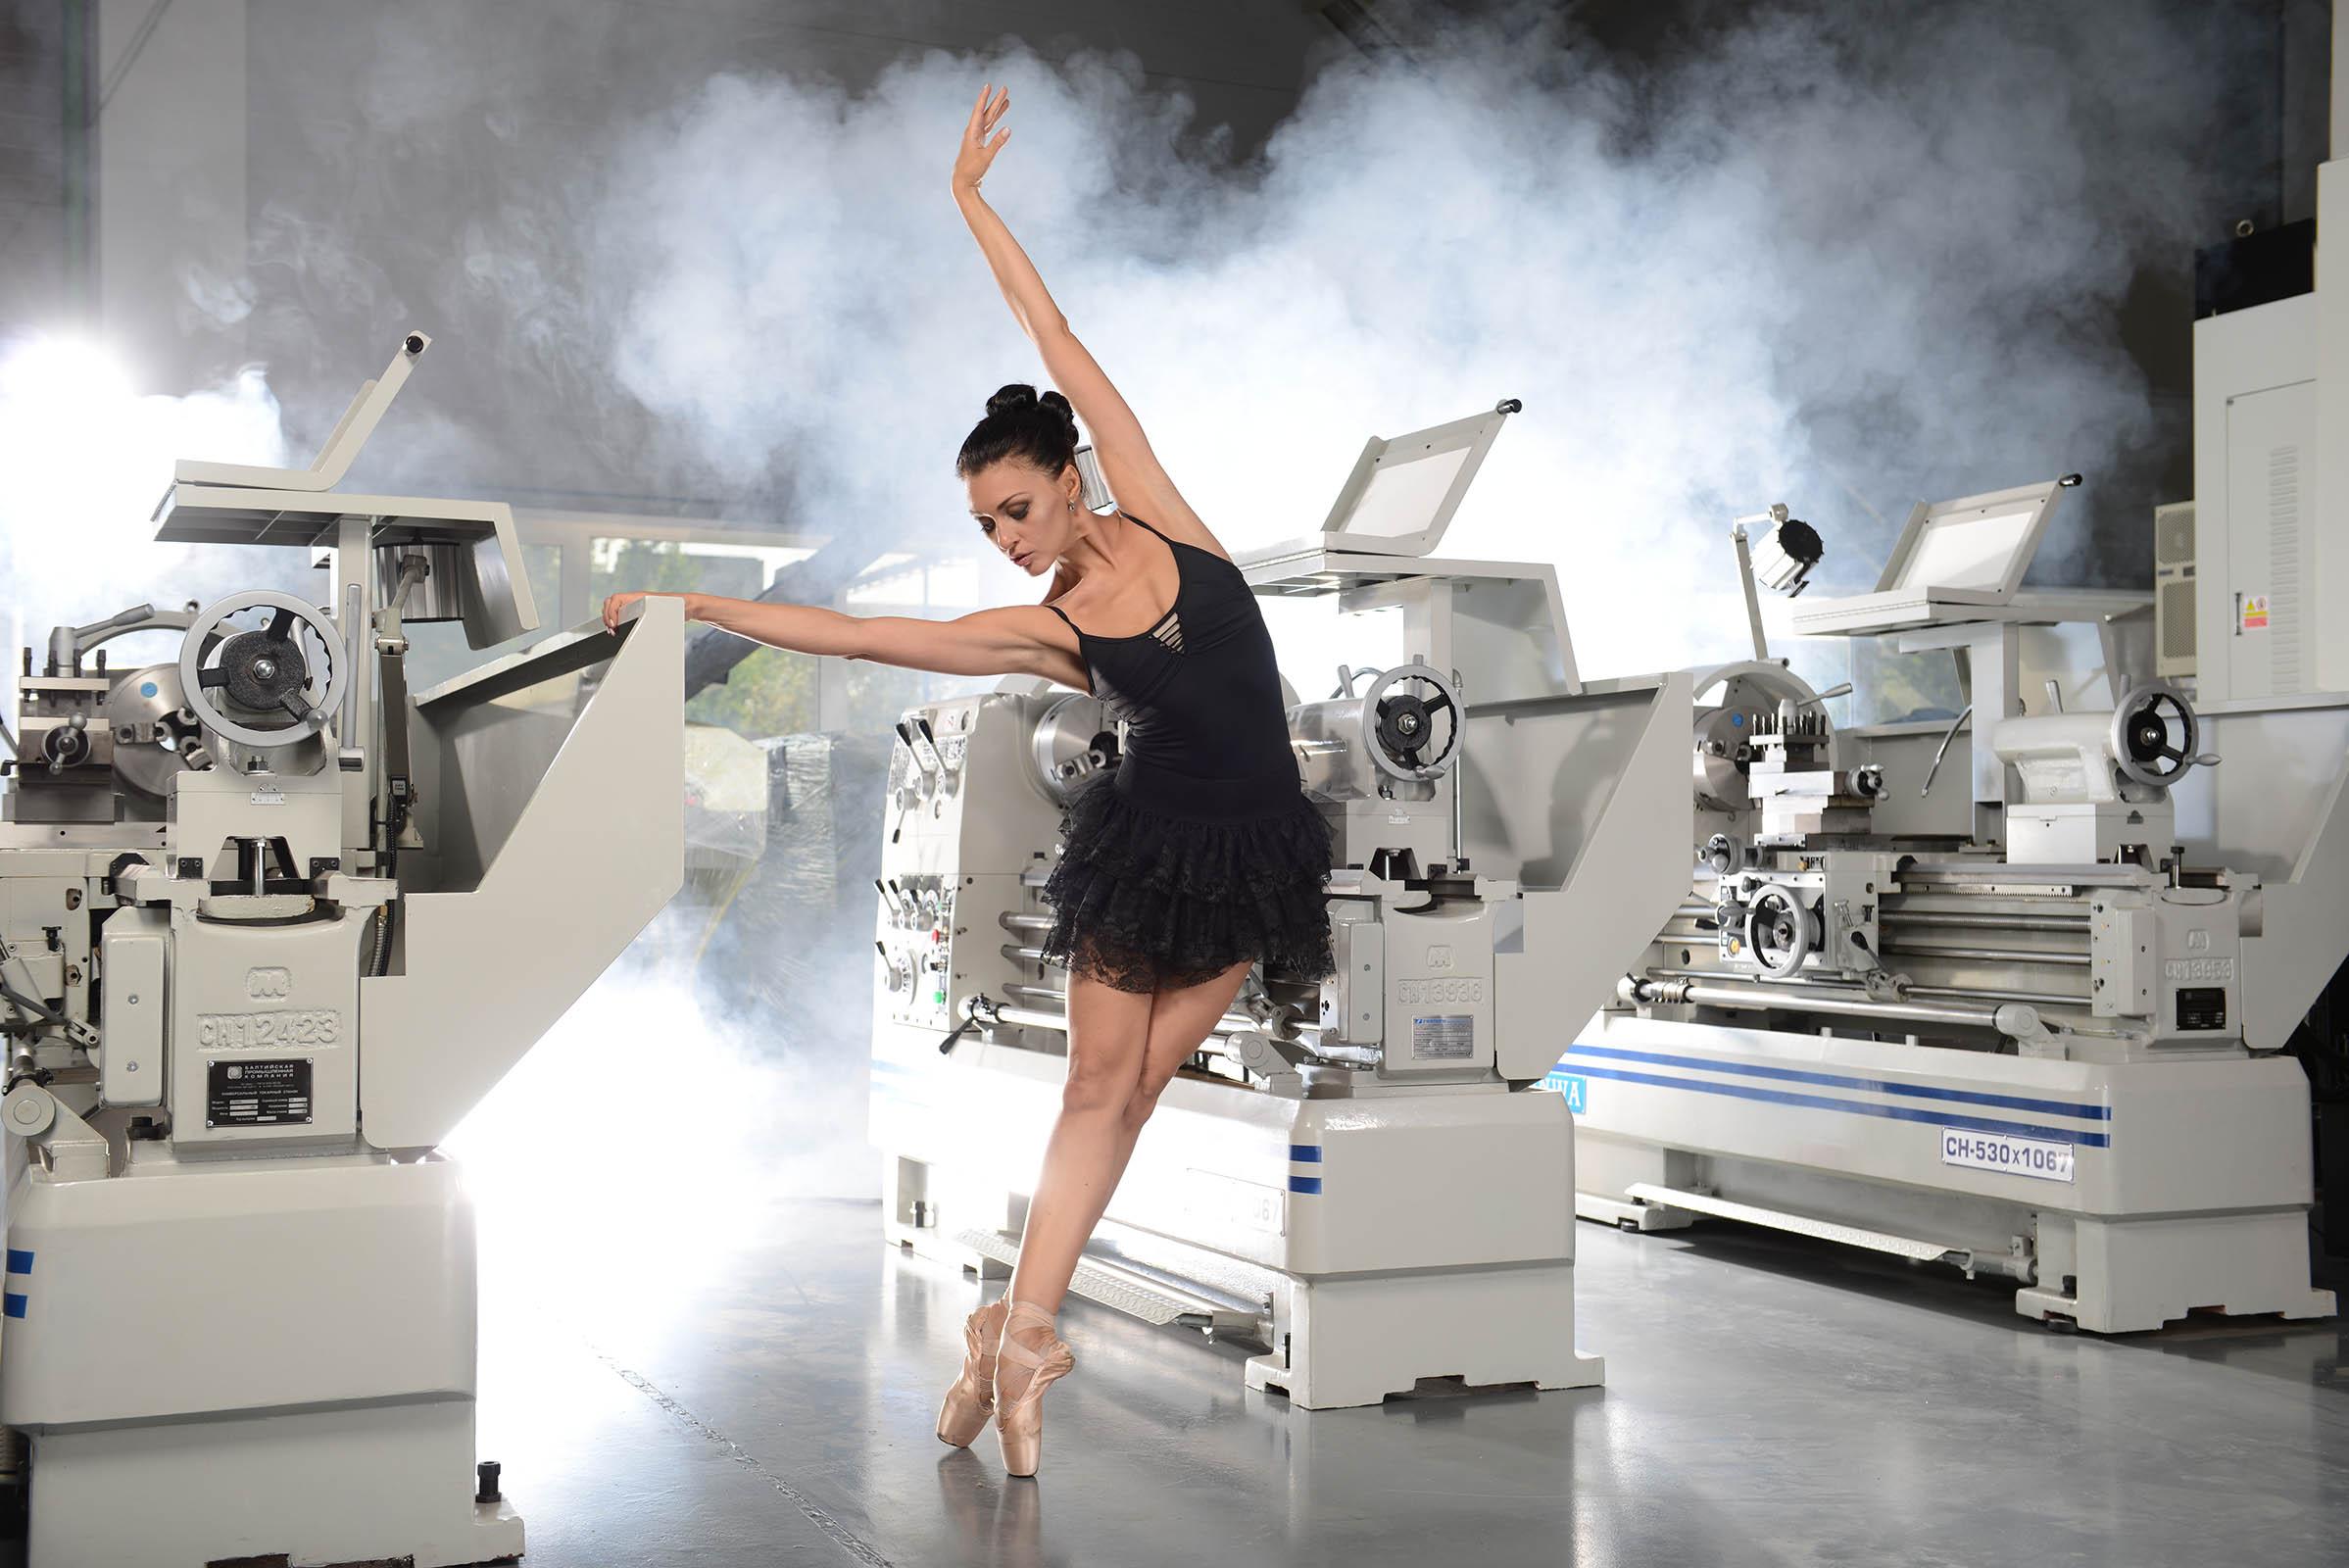 Работа на современном оборудовании - настоящее искусство. Фото: photo.oper.ru